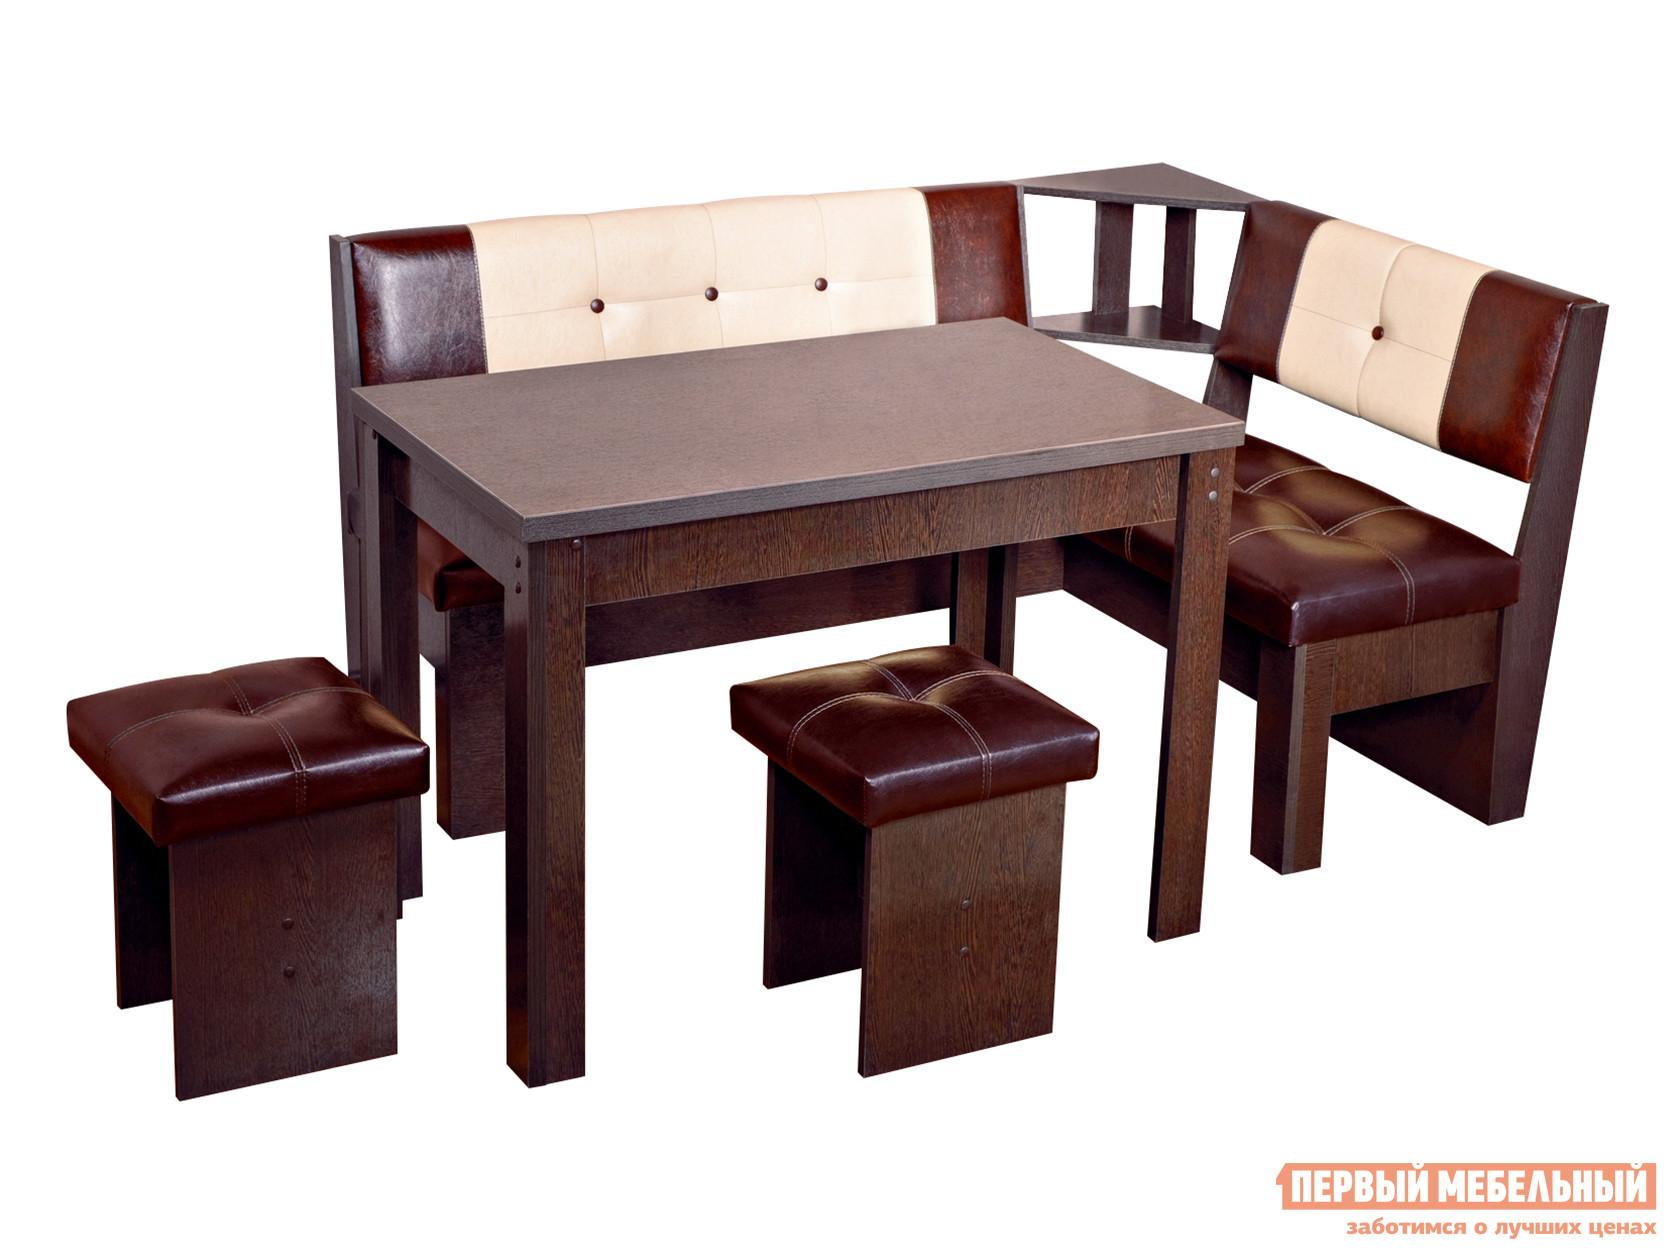 Фото - Кухонный уголок Первый Мебельный Кухонный уголок Октава Люкс кухонный уголок триумф